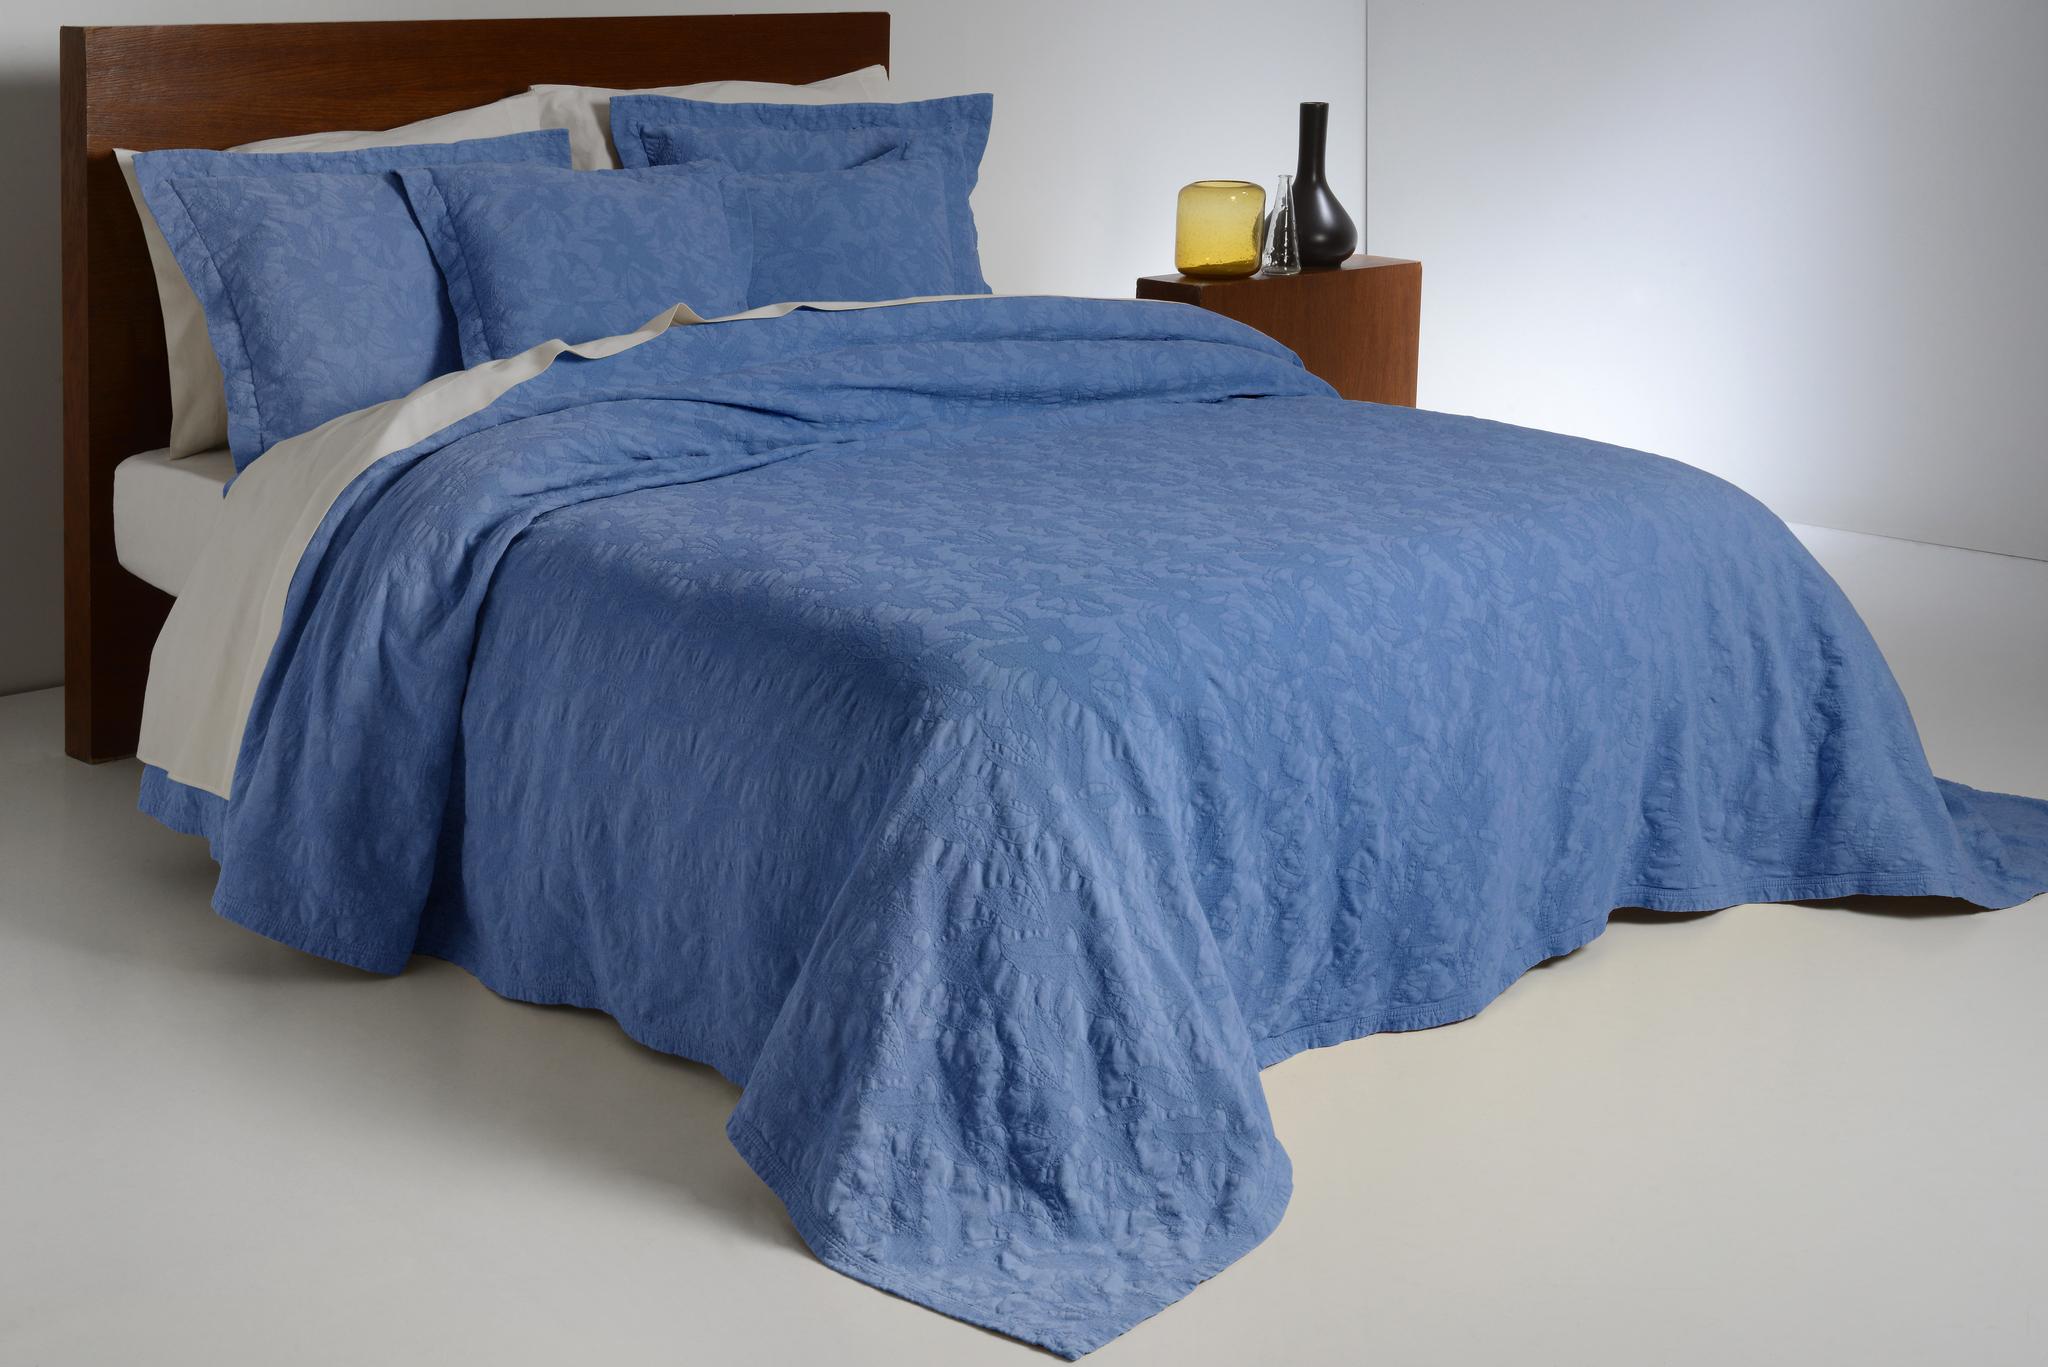 Покрывала Subtil bloom  blue 100% хлопок. Покрывало Antonio Salgado SUBTIL_BLOOM_SW_COL_F20643.jpg